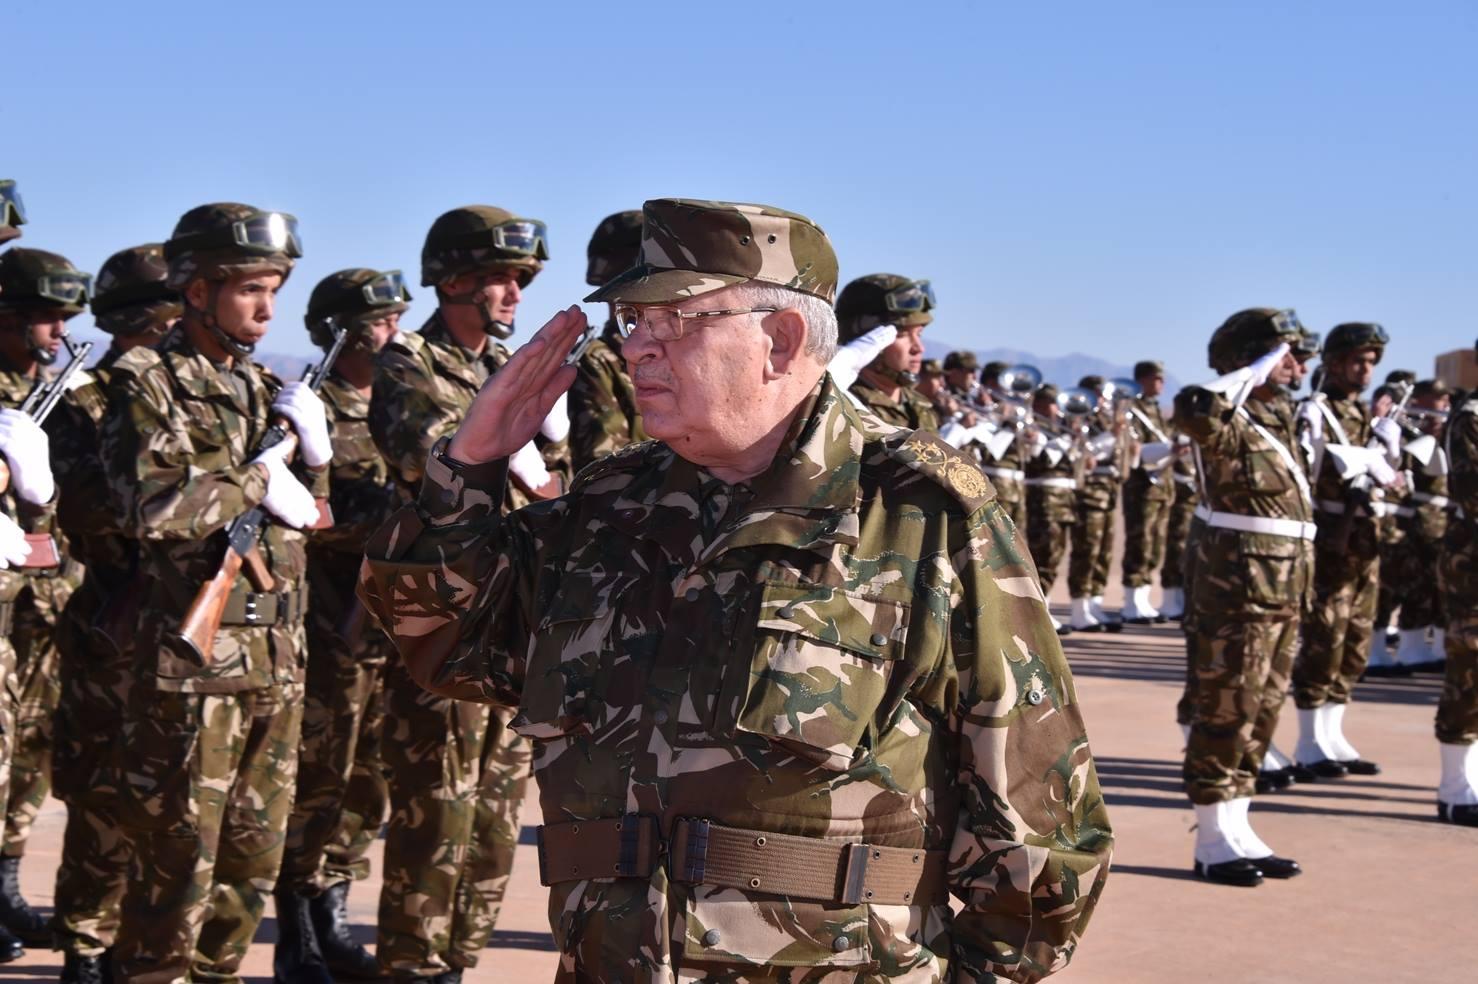 الجزائر : صلاحيات نائب وزير الدفاع الوطني - صفحة 5 30791314331_8d68e7d714_o